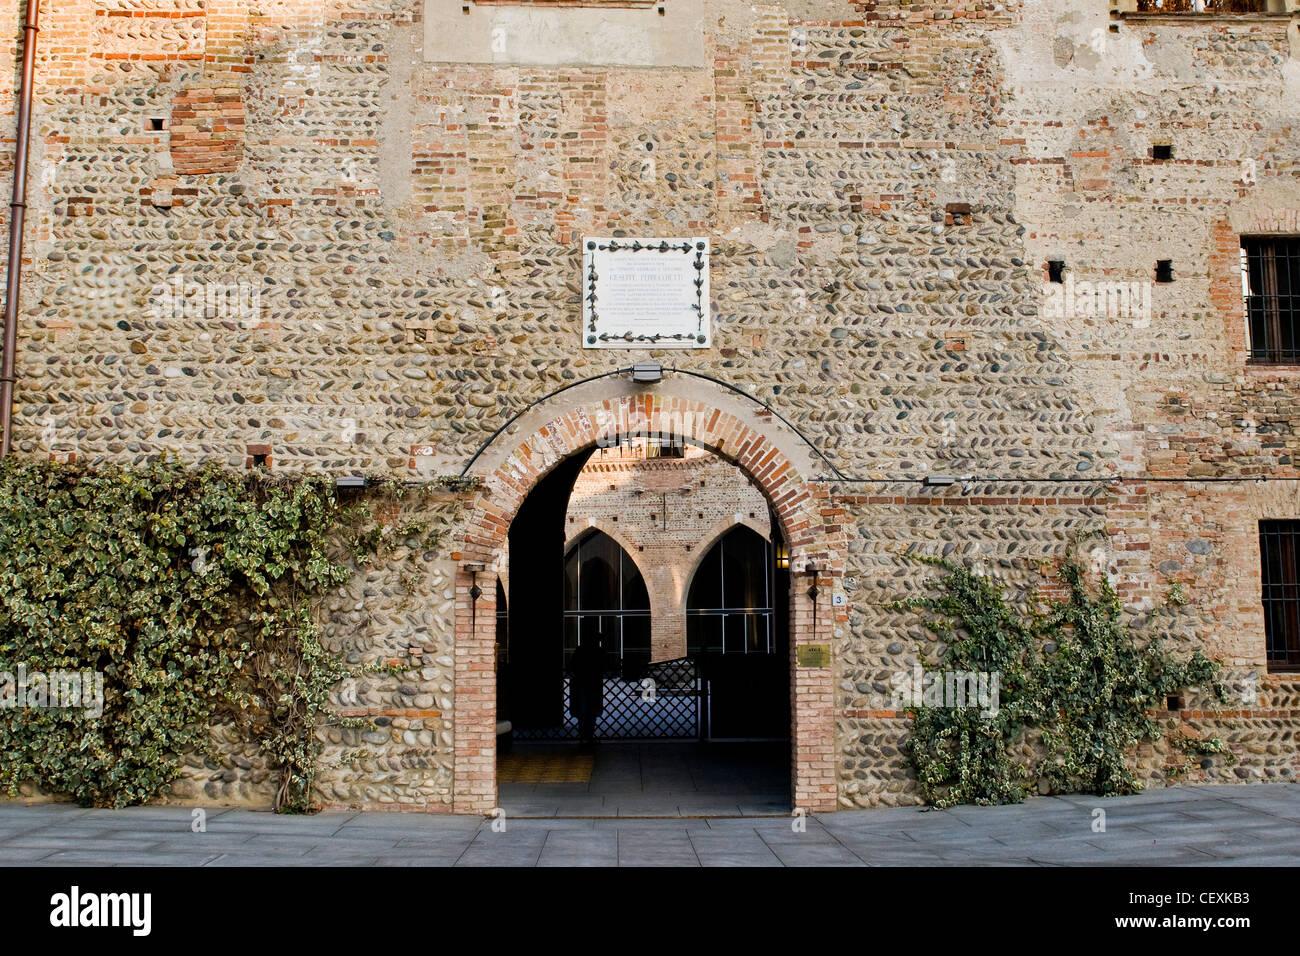 Borromeo castle, Cassano d'Adda, Lombardy, Italy Stock Photo